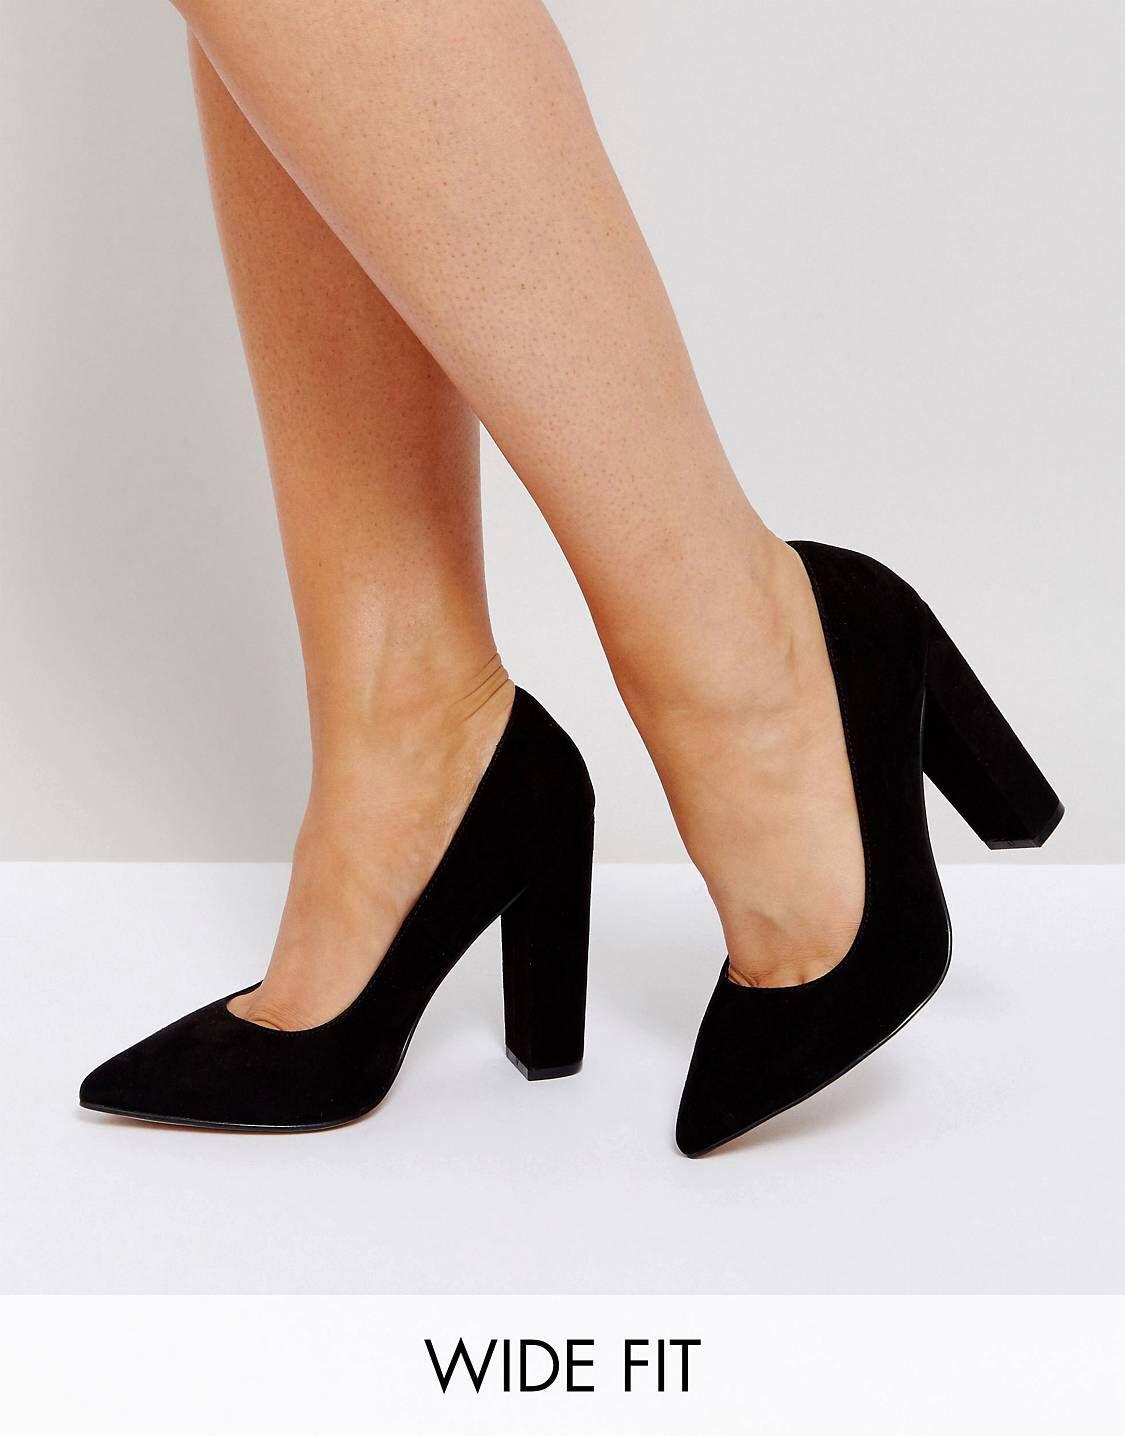 Heels, Funky heels, Womens high heels